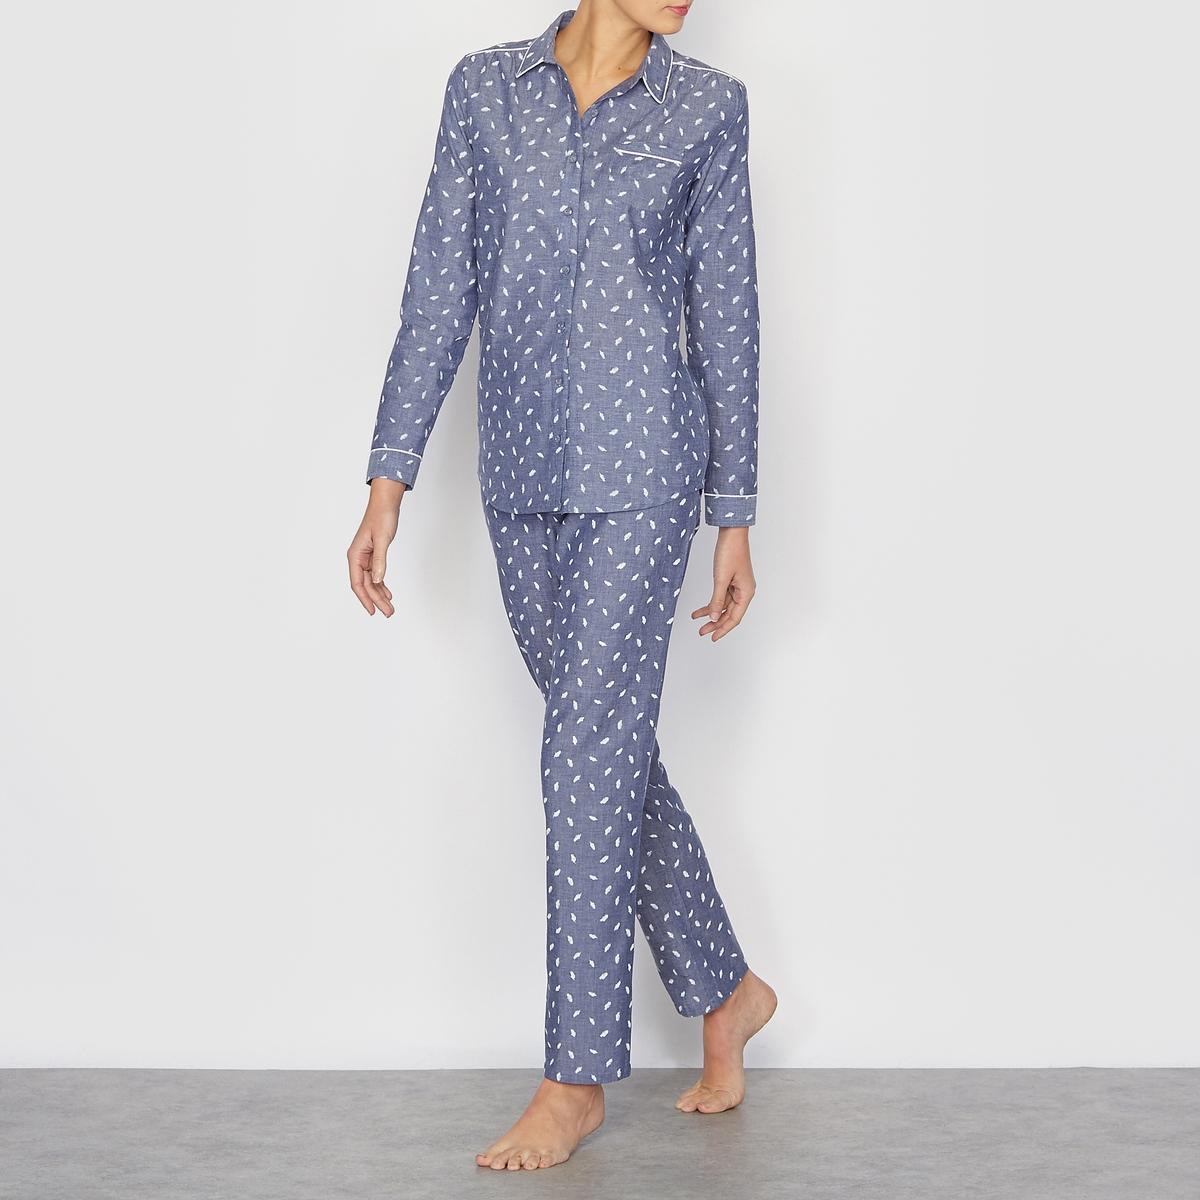 Пижама из ткани шамбреПижама из ткани шамбре, верх под рубашку с классическим воротником, застежкой на пуговицы и окантовкой манжет   . Длина 67 см, с карманом . Брюки на эластичном поясе сзади, спереди на шнурке . Длина по внутр.шву 76 см .  100% хлопка.<br><br>Цвет: синий шамбре<br>Размер: 38/40 (FR) - 44/46 (RUS)